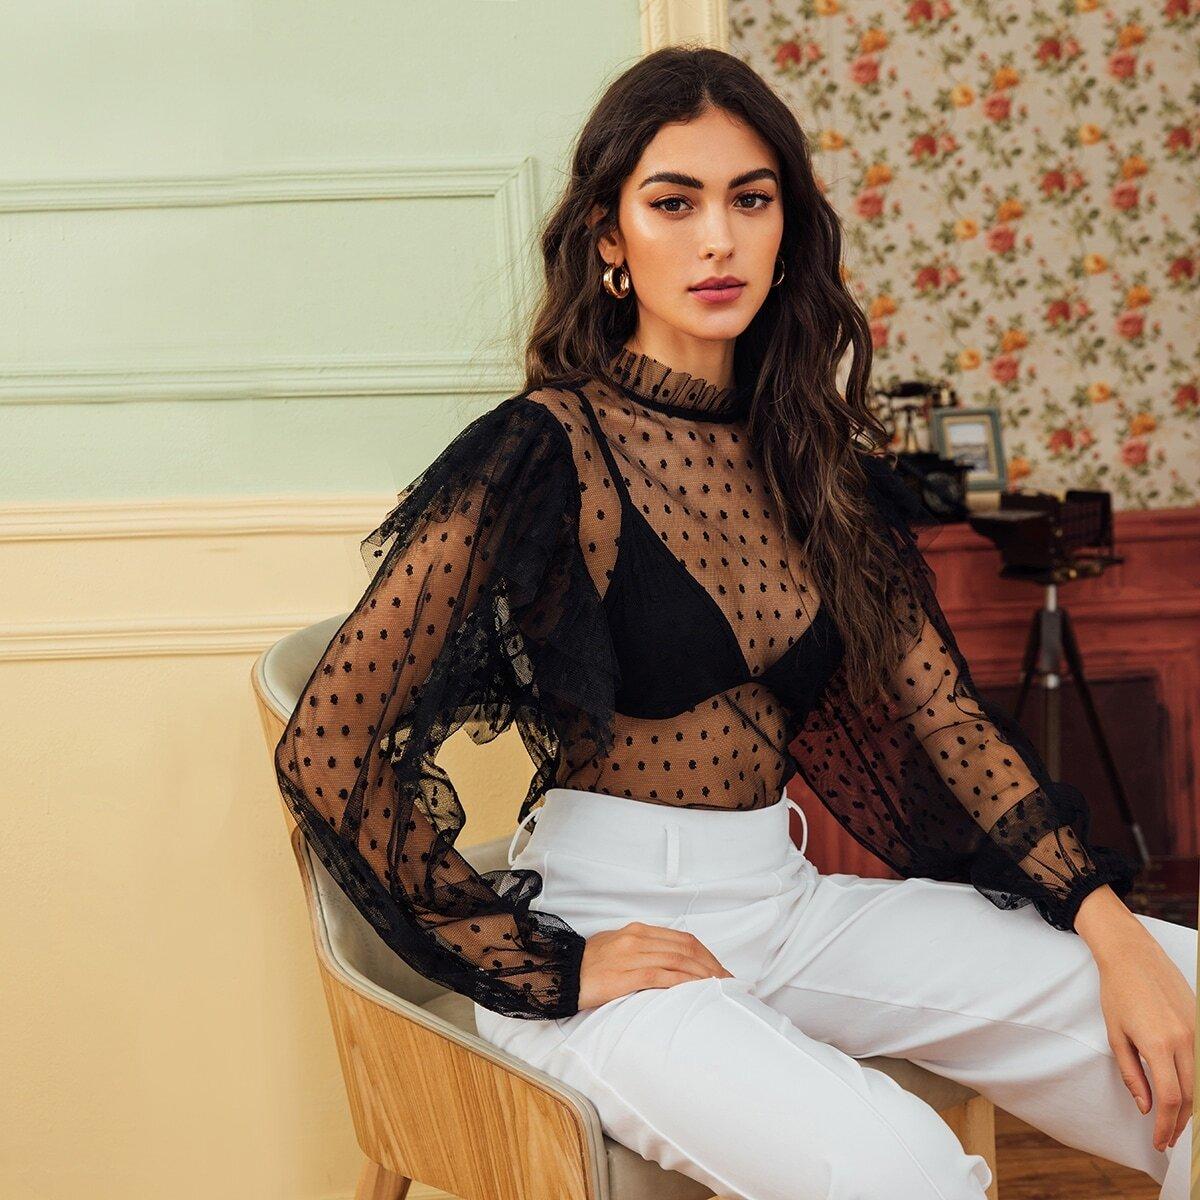 SHEIN / Bluse mit Rüschen am Kragen, Punkten Muster und Netzstoff